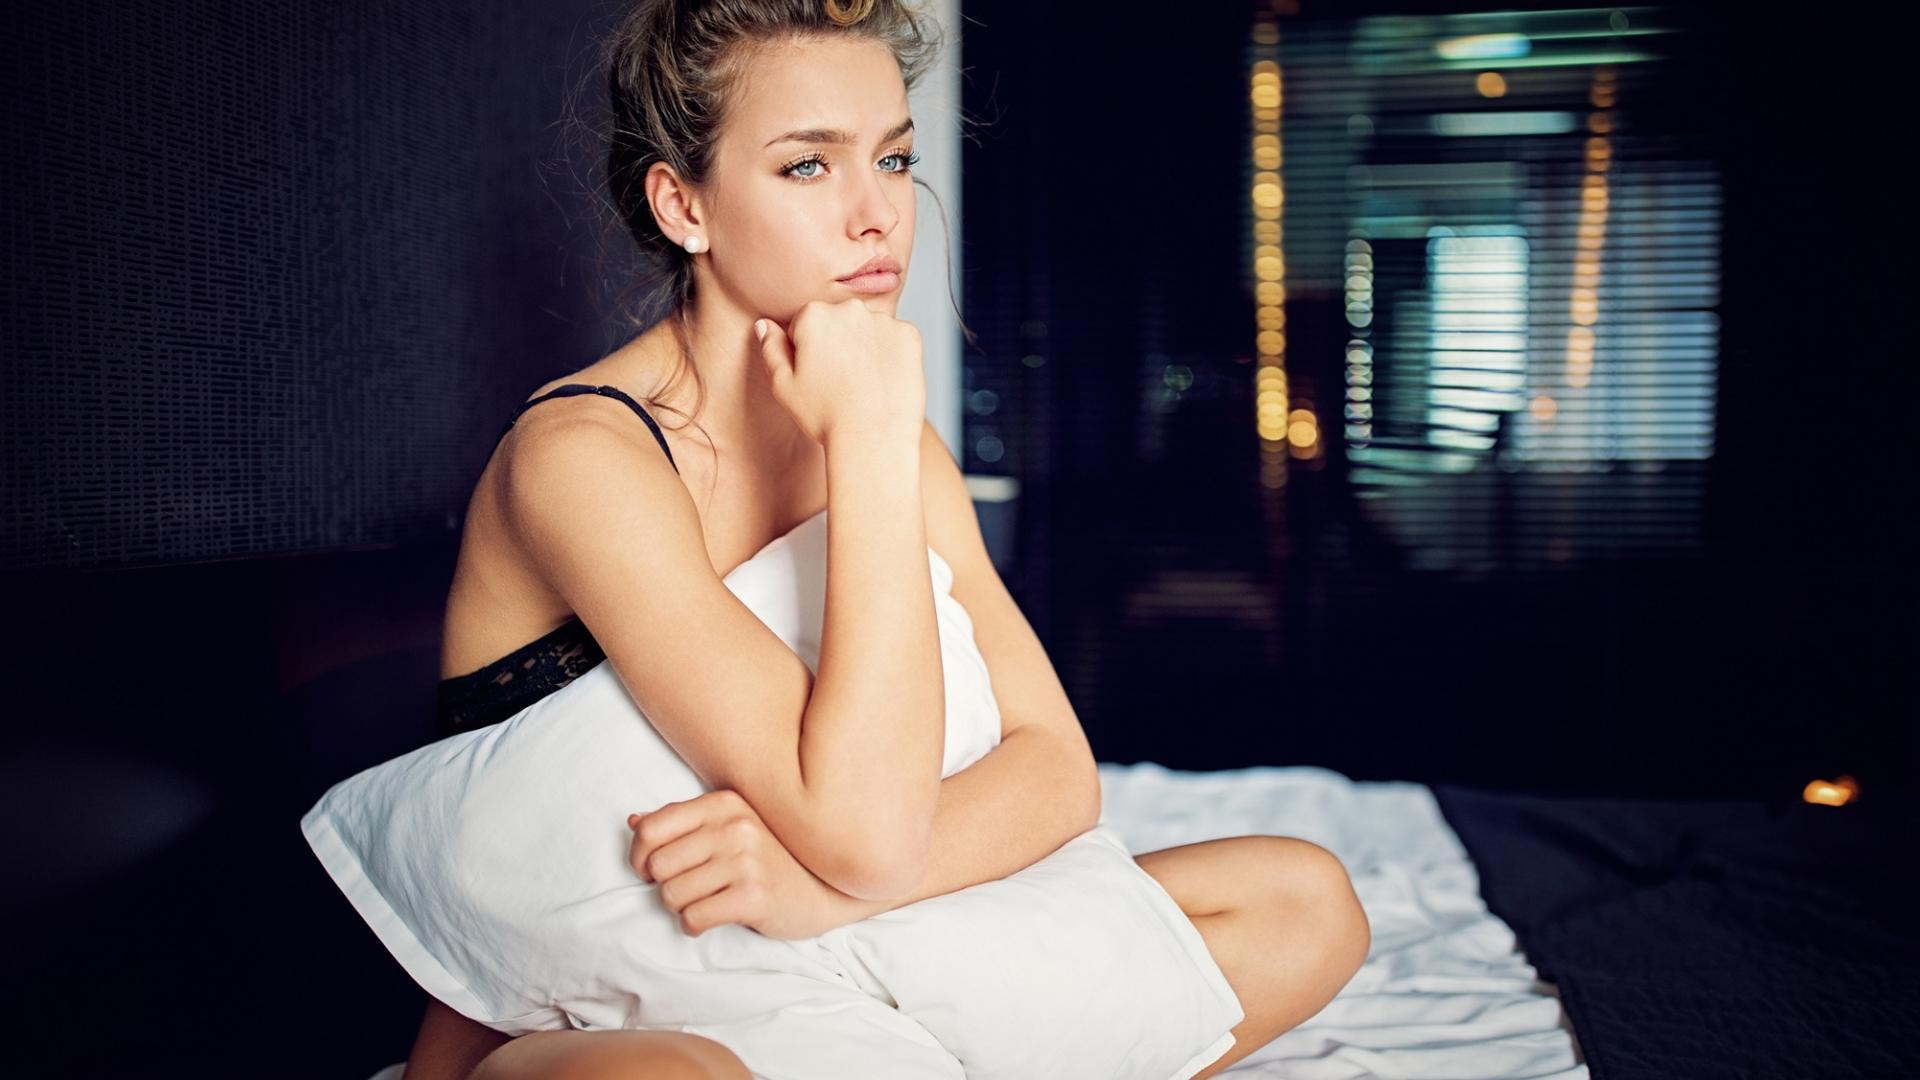 Frau sitzt in Unterwäsche auf dem Bett